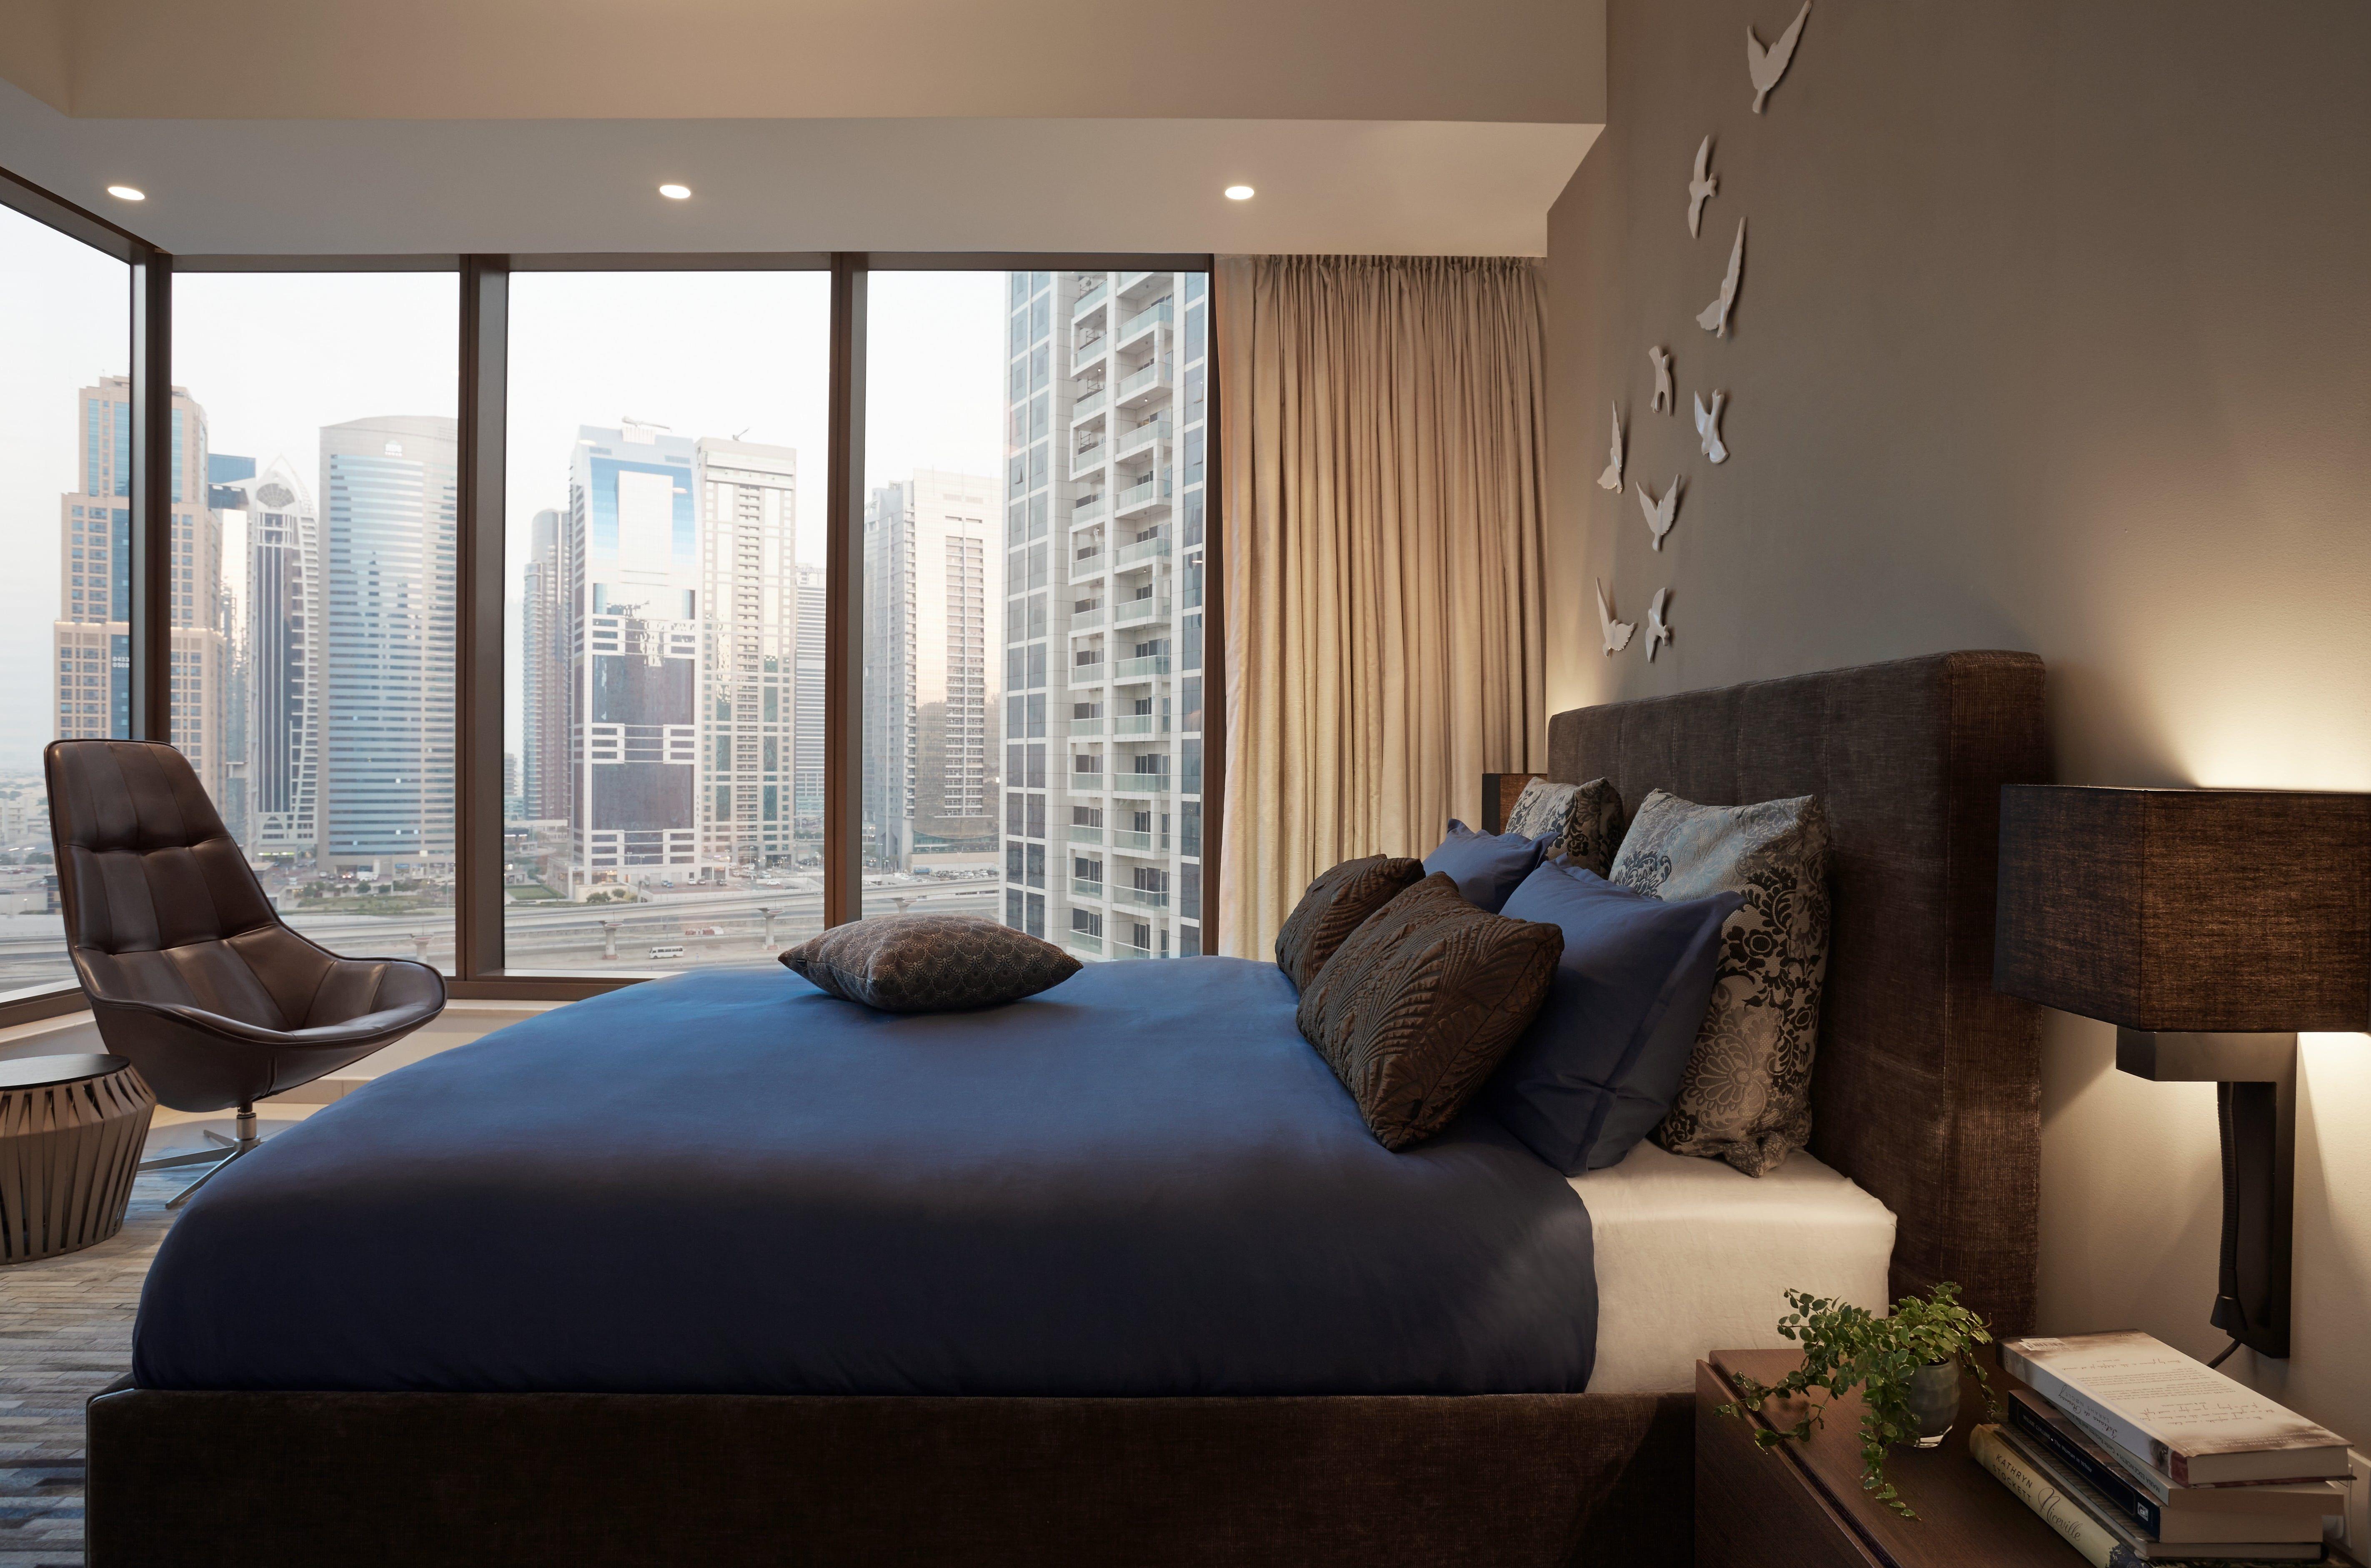 Mezzo Bett, Lattenrost und Matratze gegen Aufpreis (mit